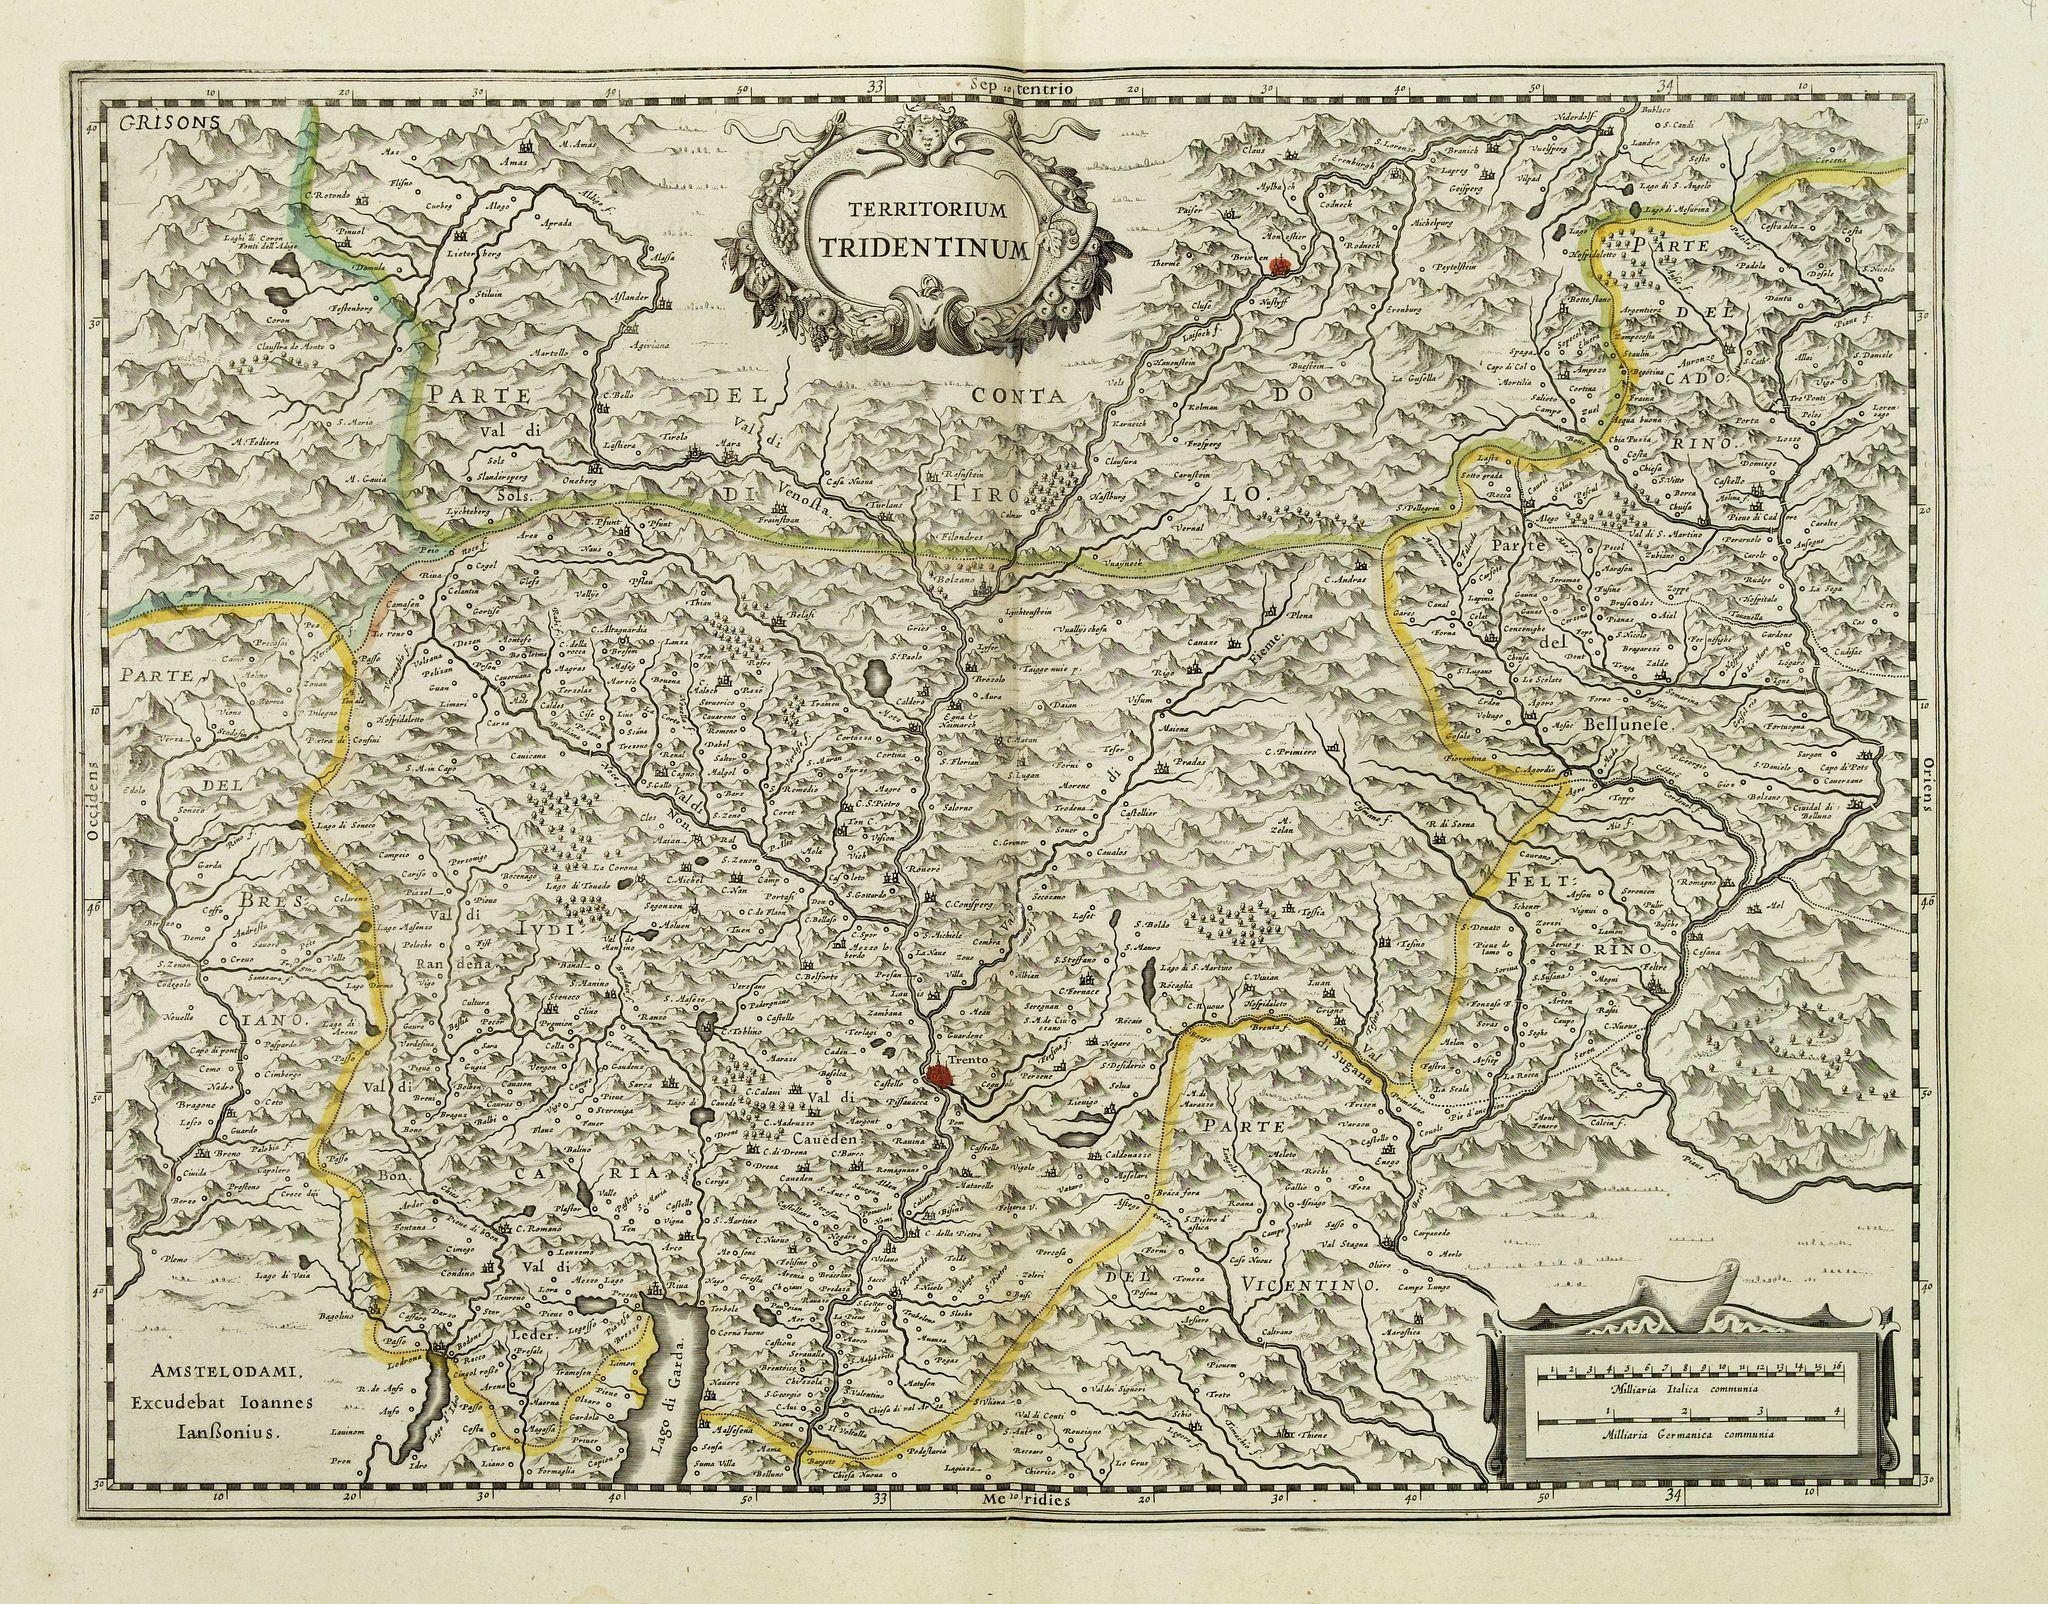 JANSSONIUS, J. -  Territorium Tridentinum.